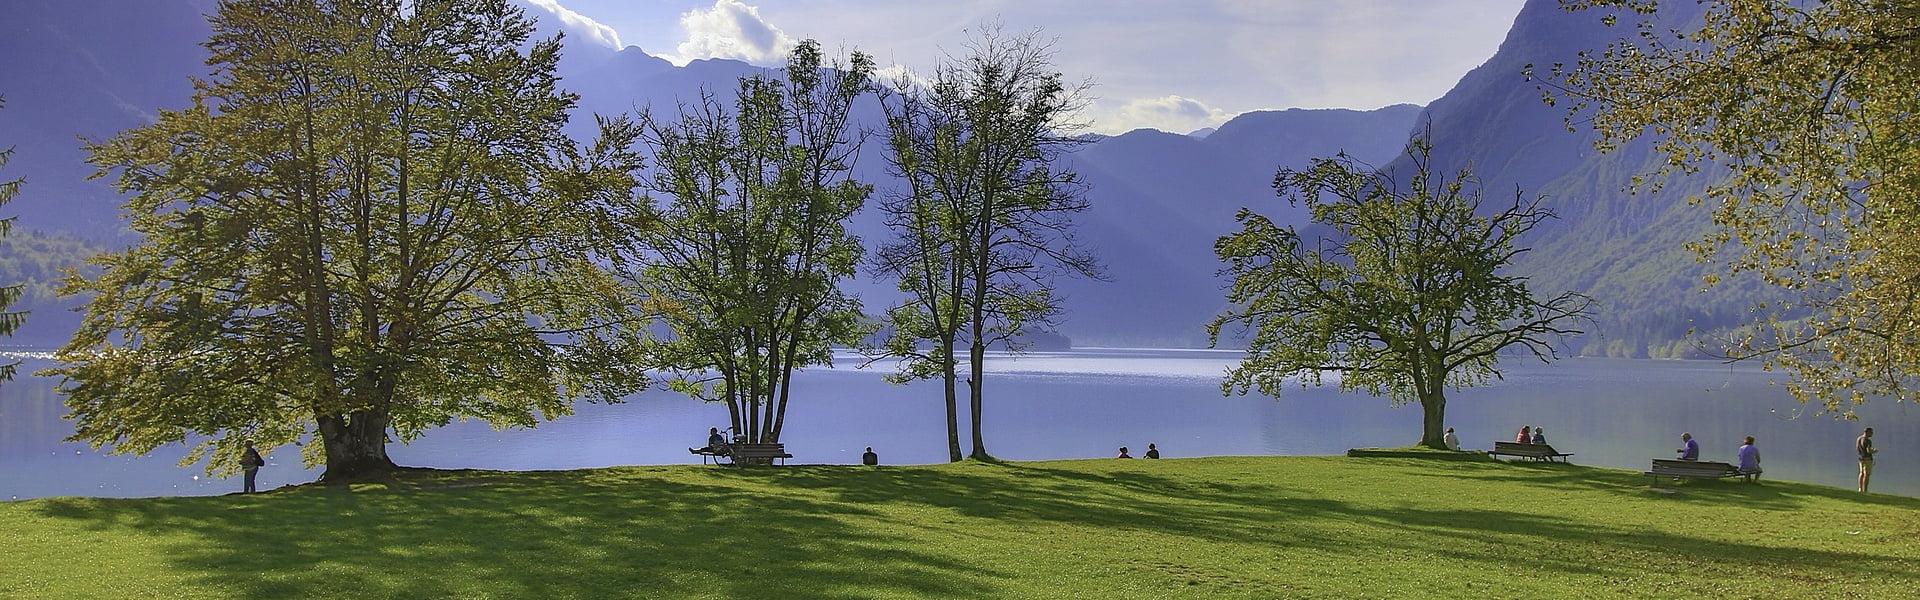 Slovenië | Wandelvakantie door bijzondere landschappen